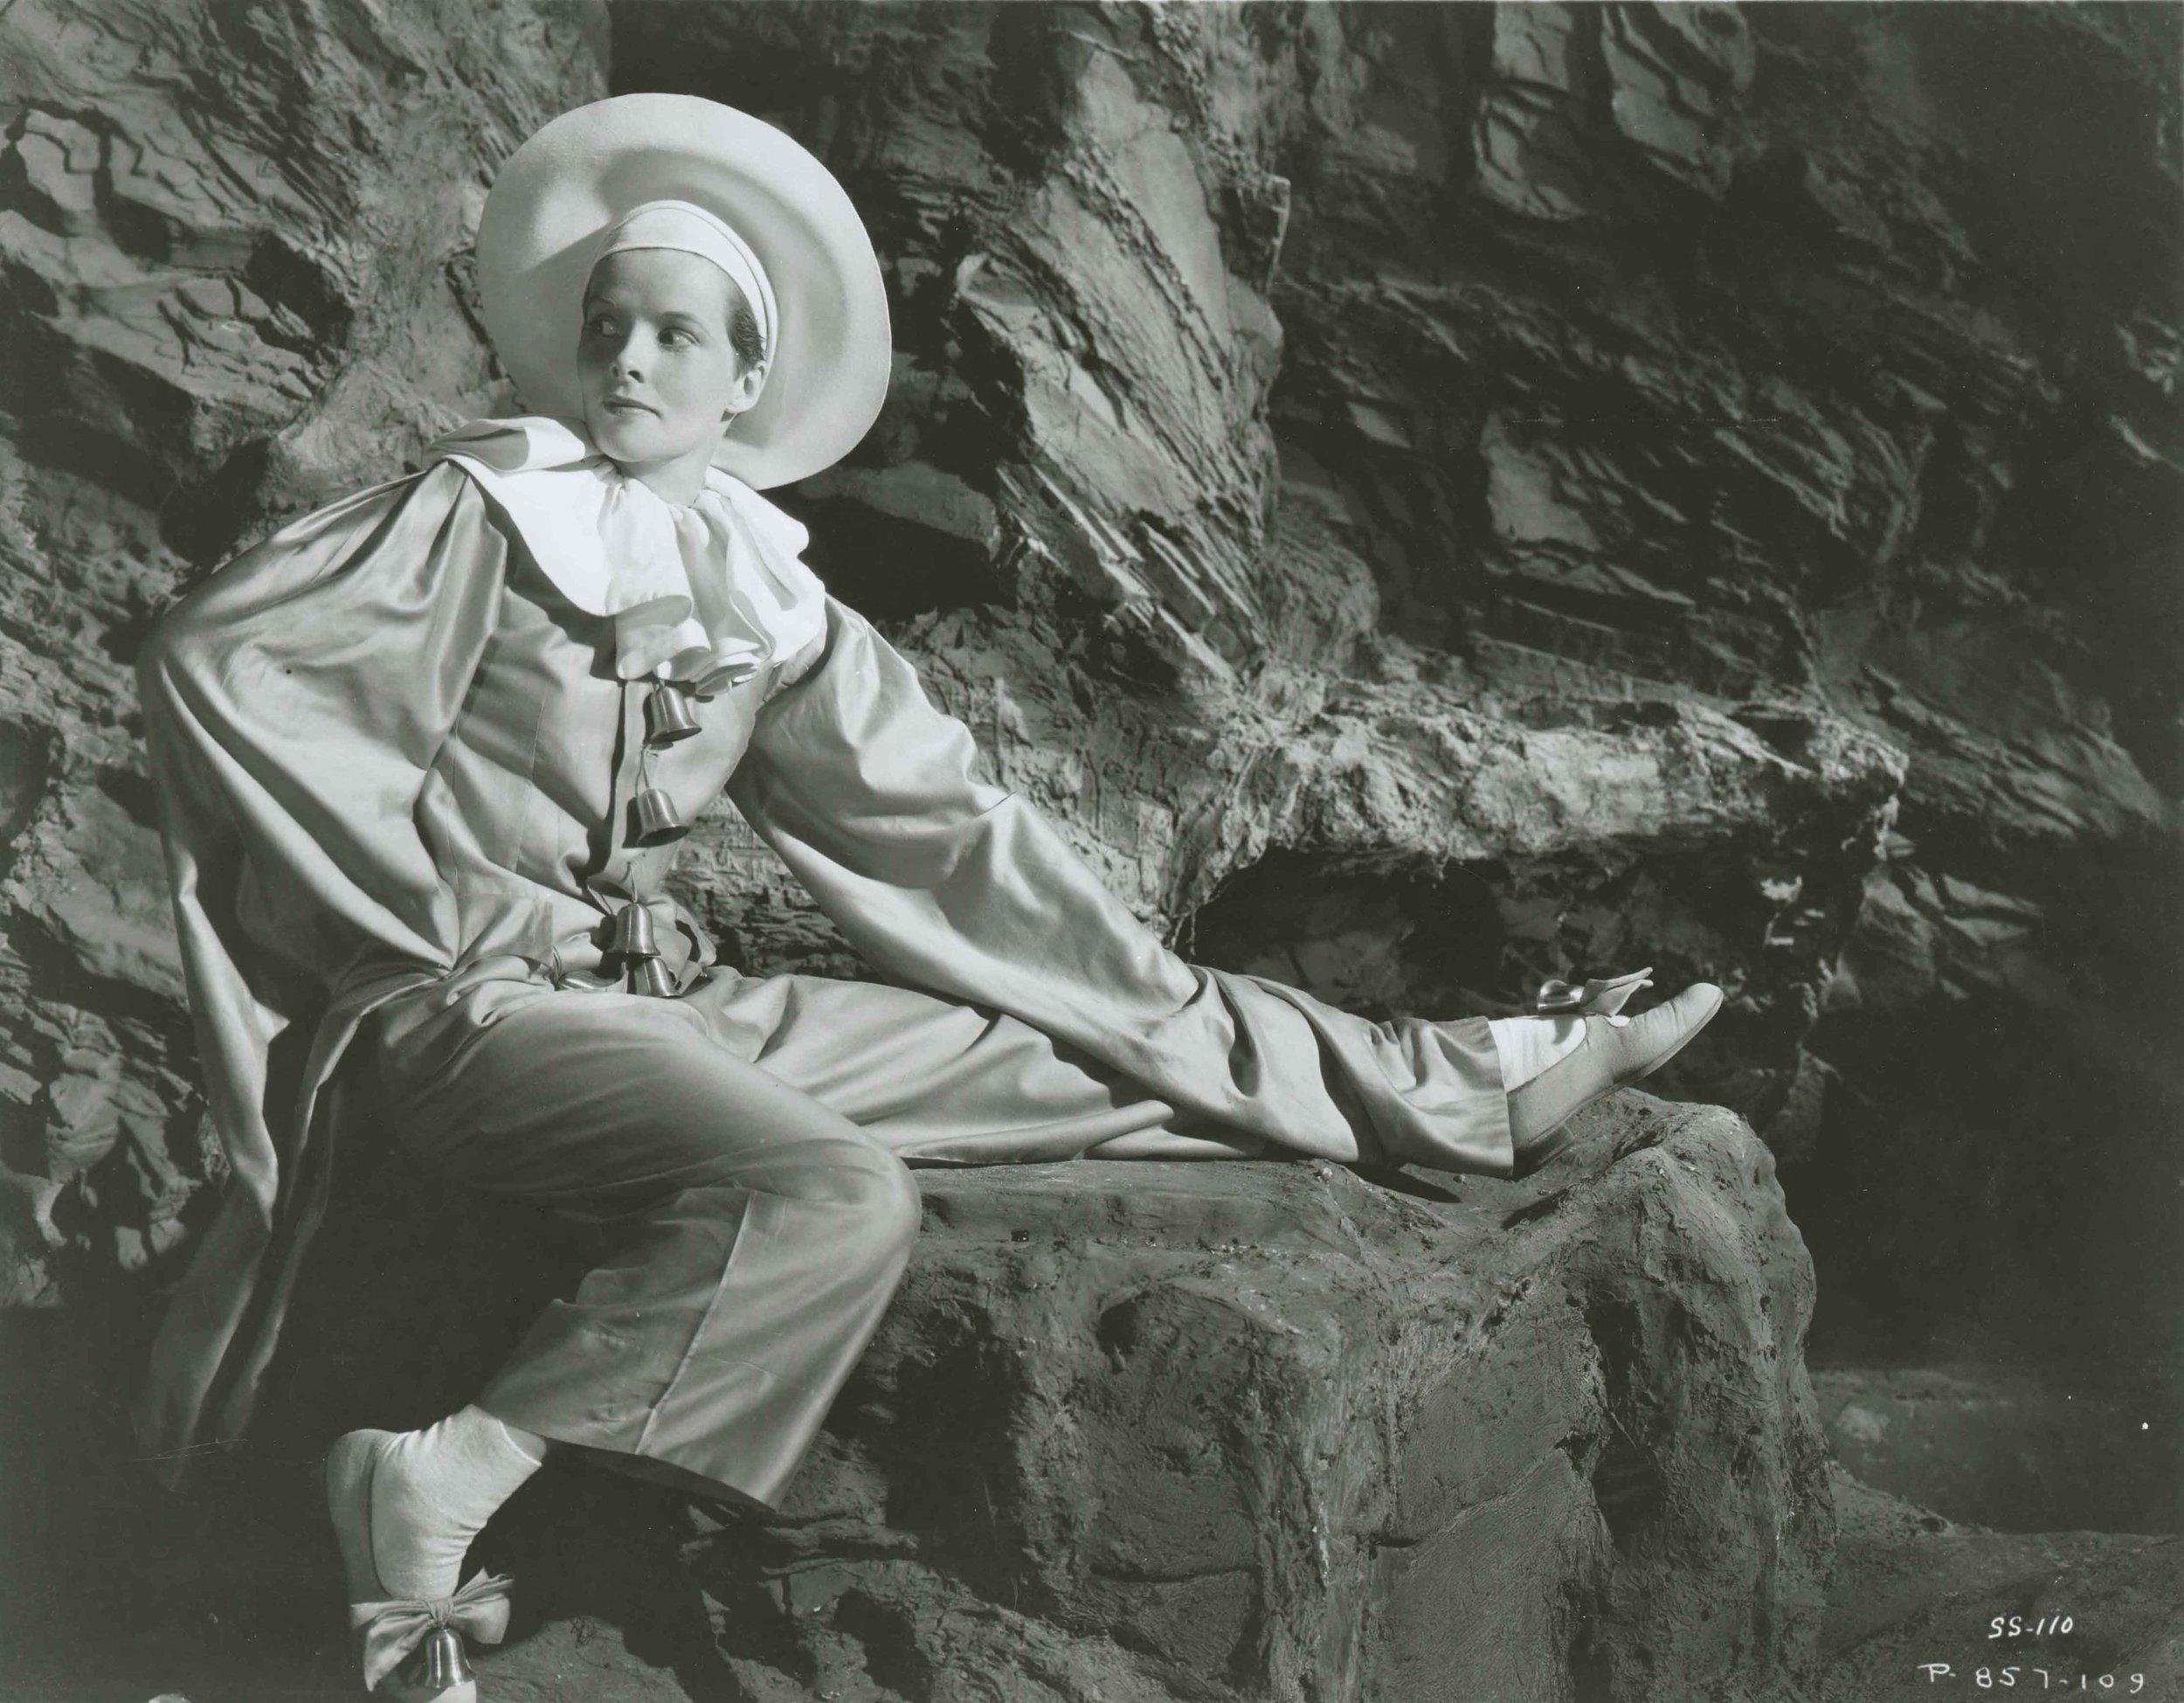 Katherine Hepburn in Sylvia Scarlett, 1935 Photo RKO Studio. Source BFI National Archive.